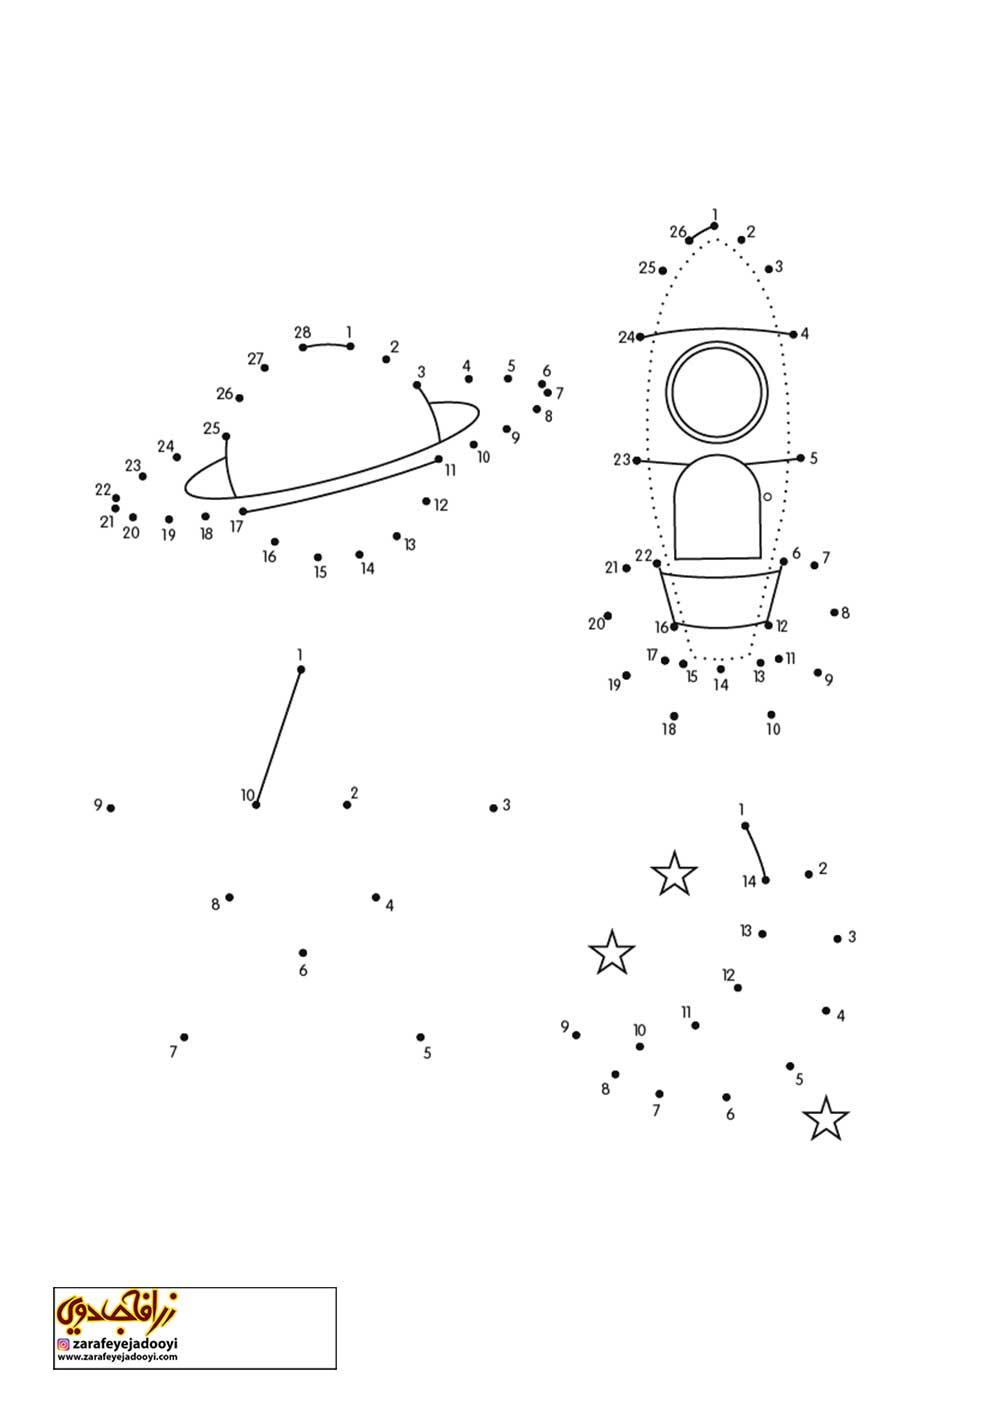 زرافه-جادویی-نقاشی-نقطه-به-نقطه-024